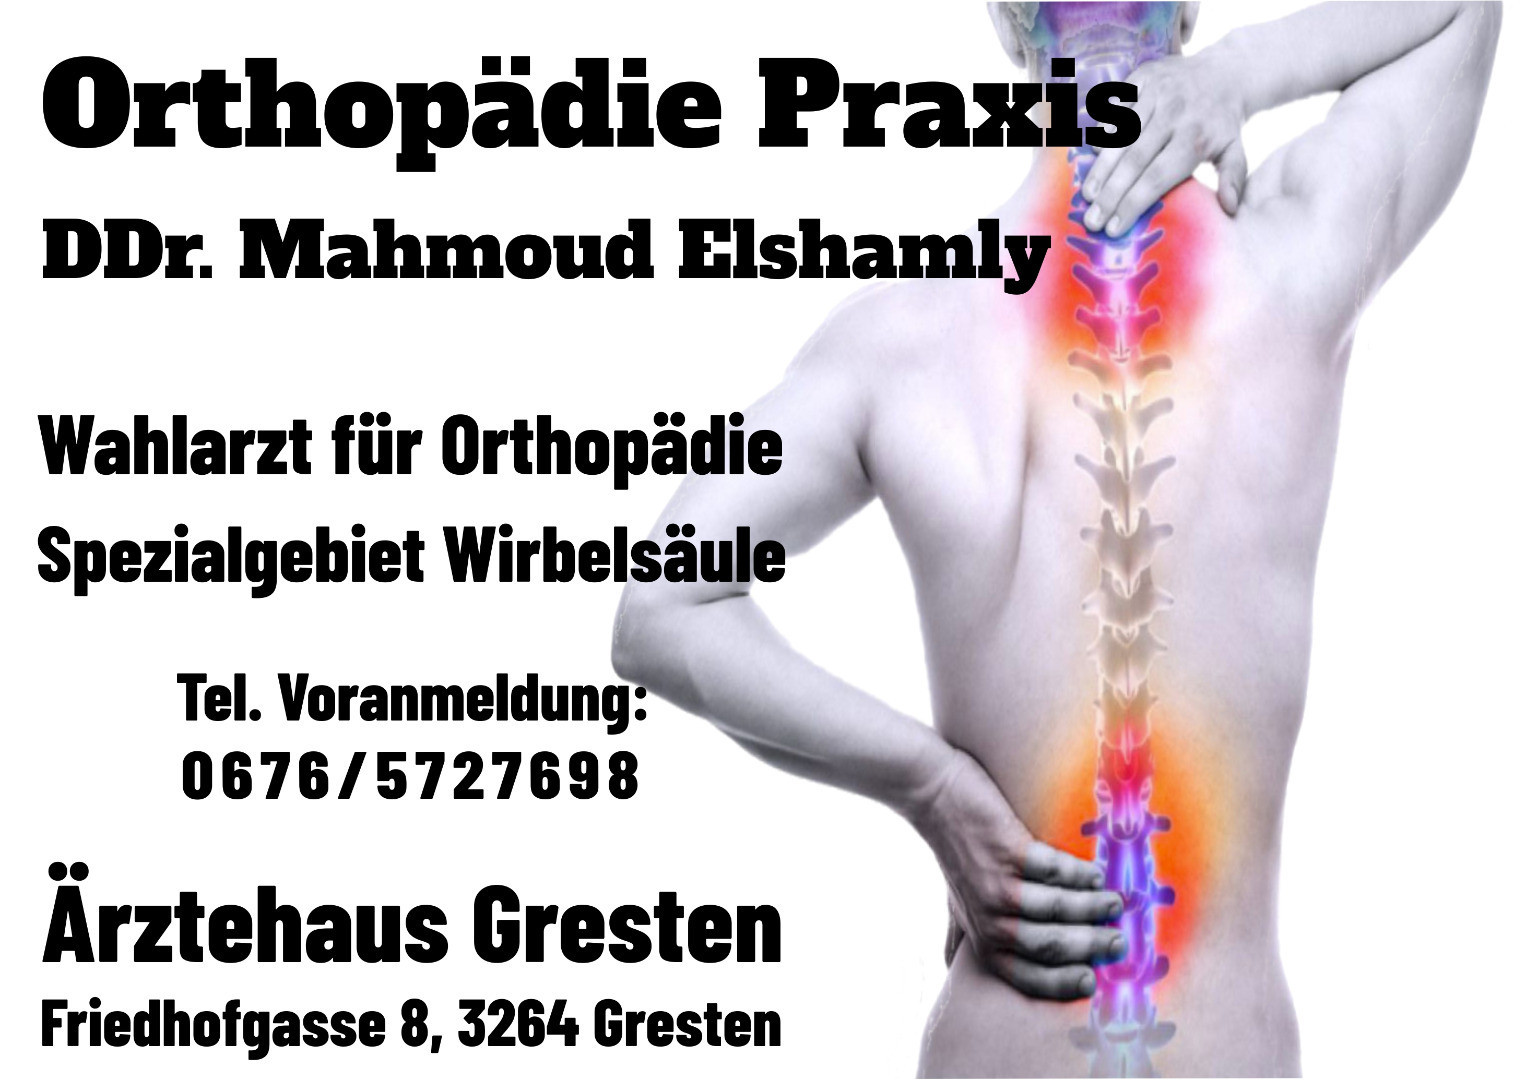 DDr Elshamly Praxis.jpg